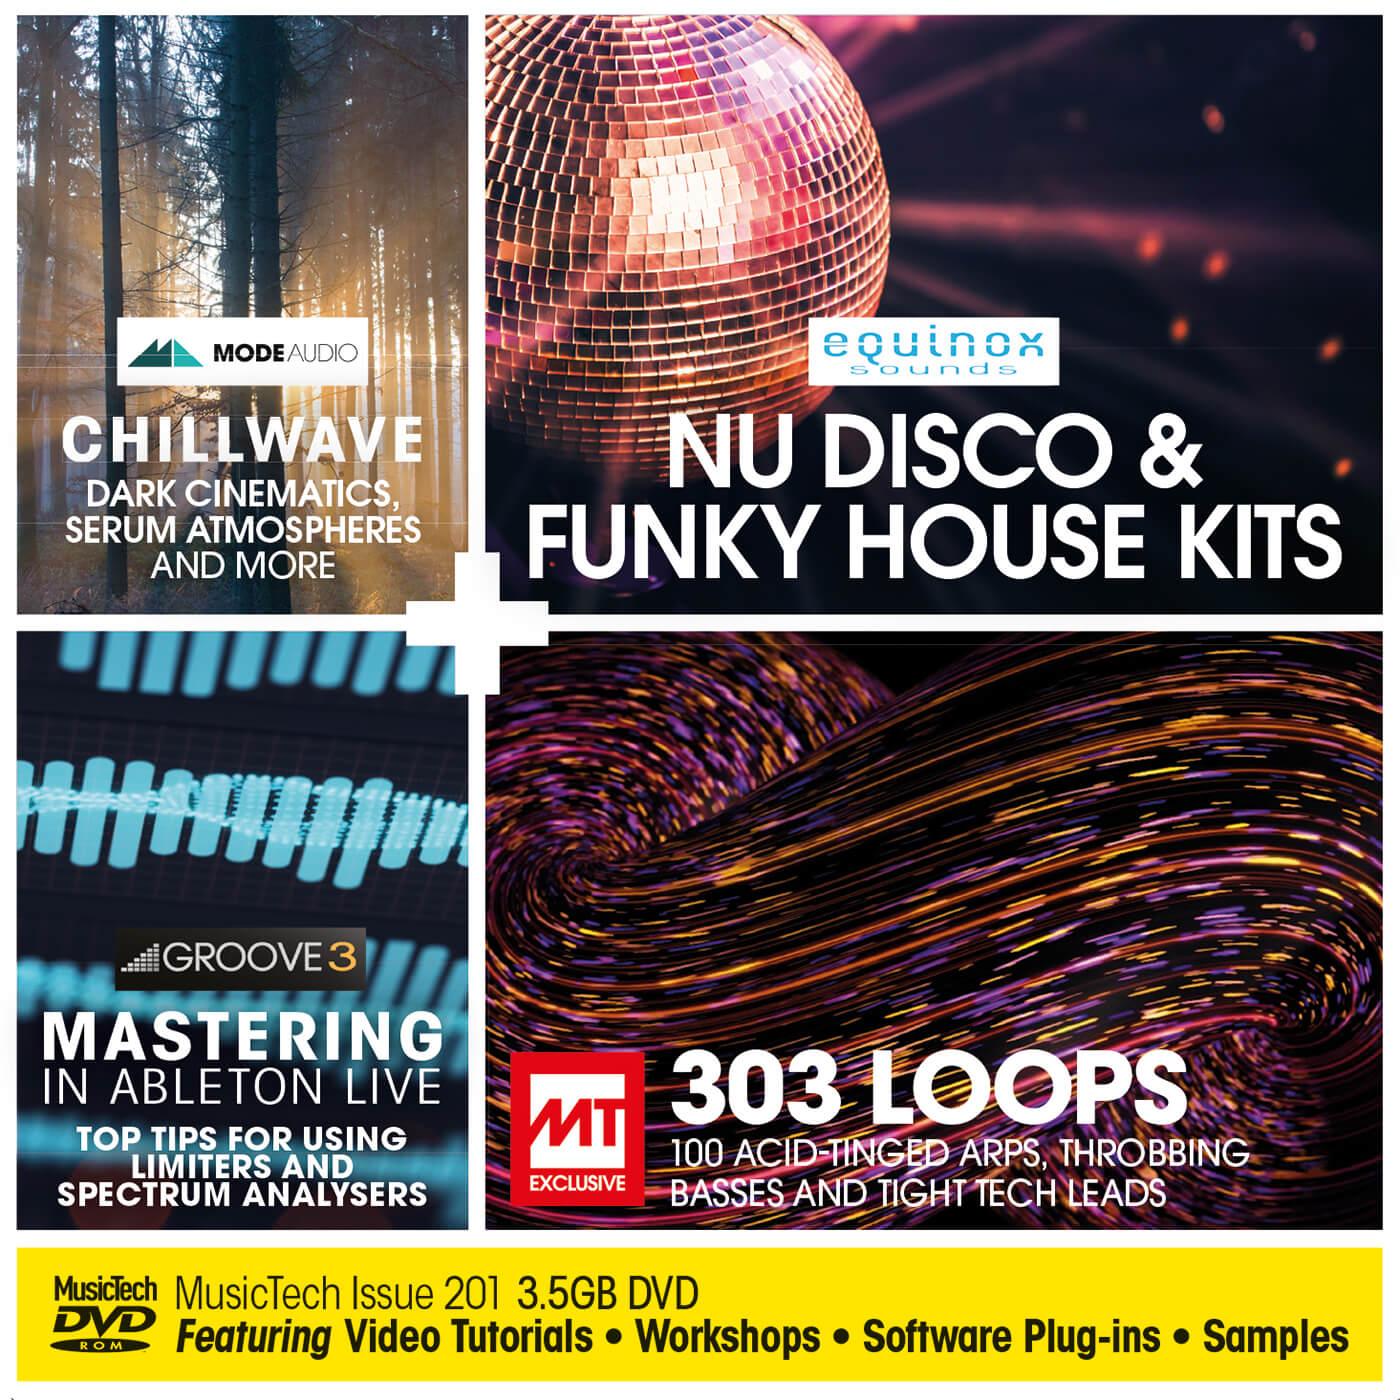 MusicTech Issue 201 DVD